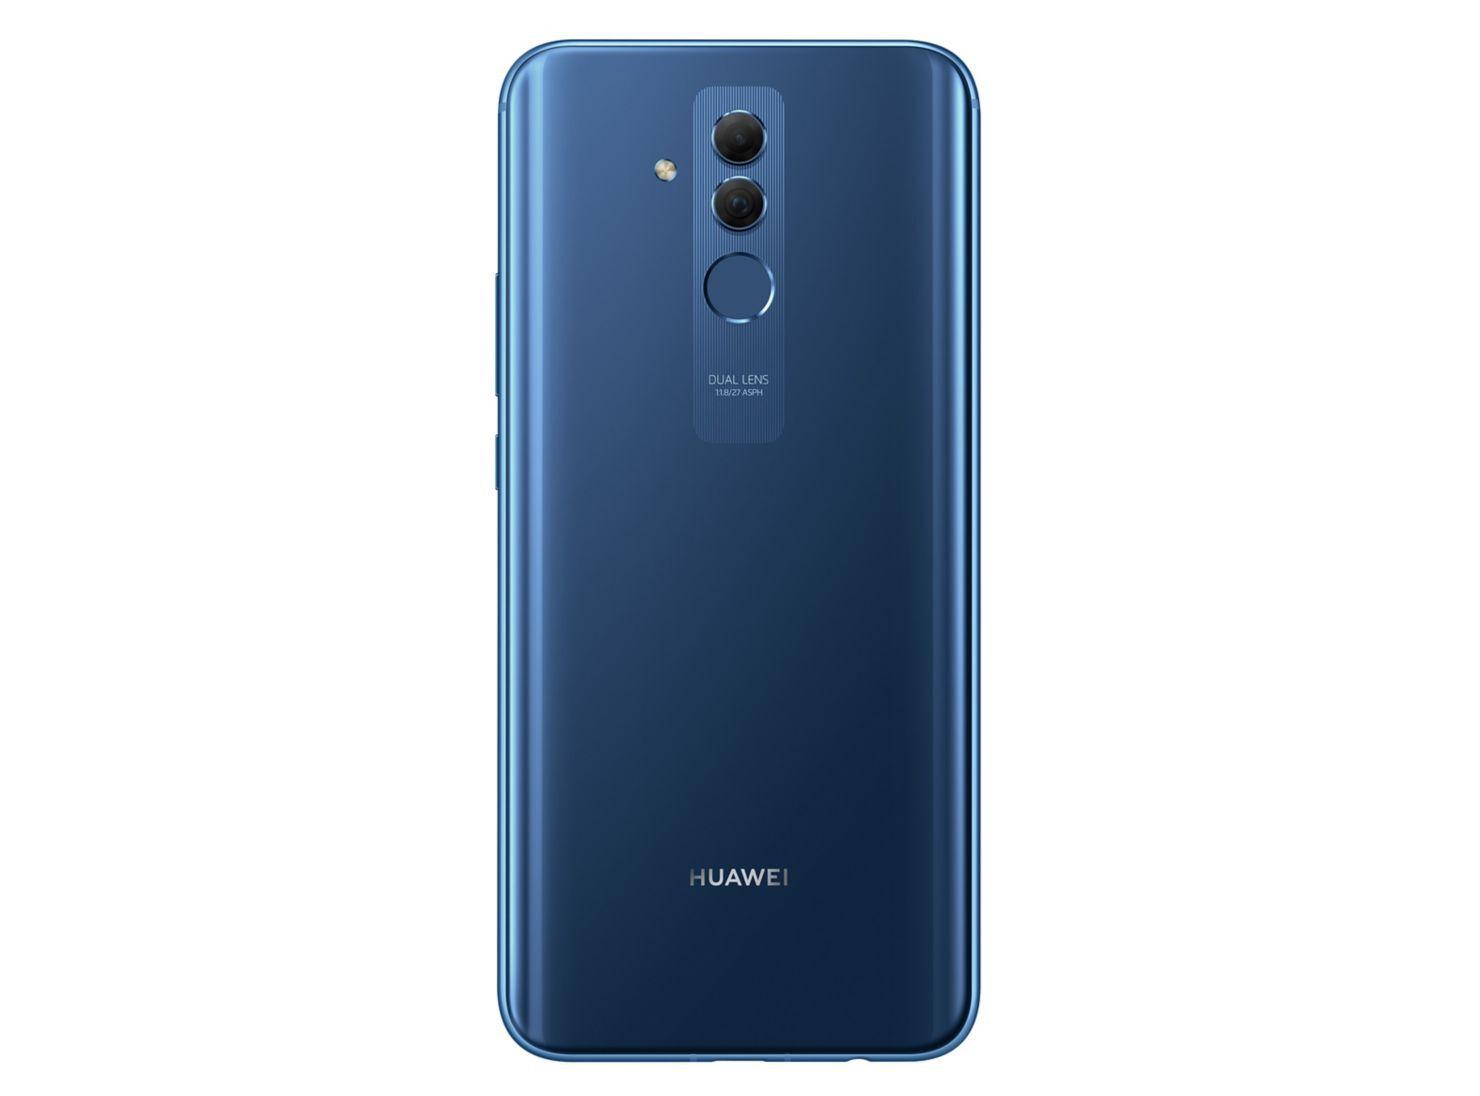 Smartphone Huawei Mate 20 Lite Azul Liberado - Smartphones | Paris.cl